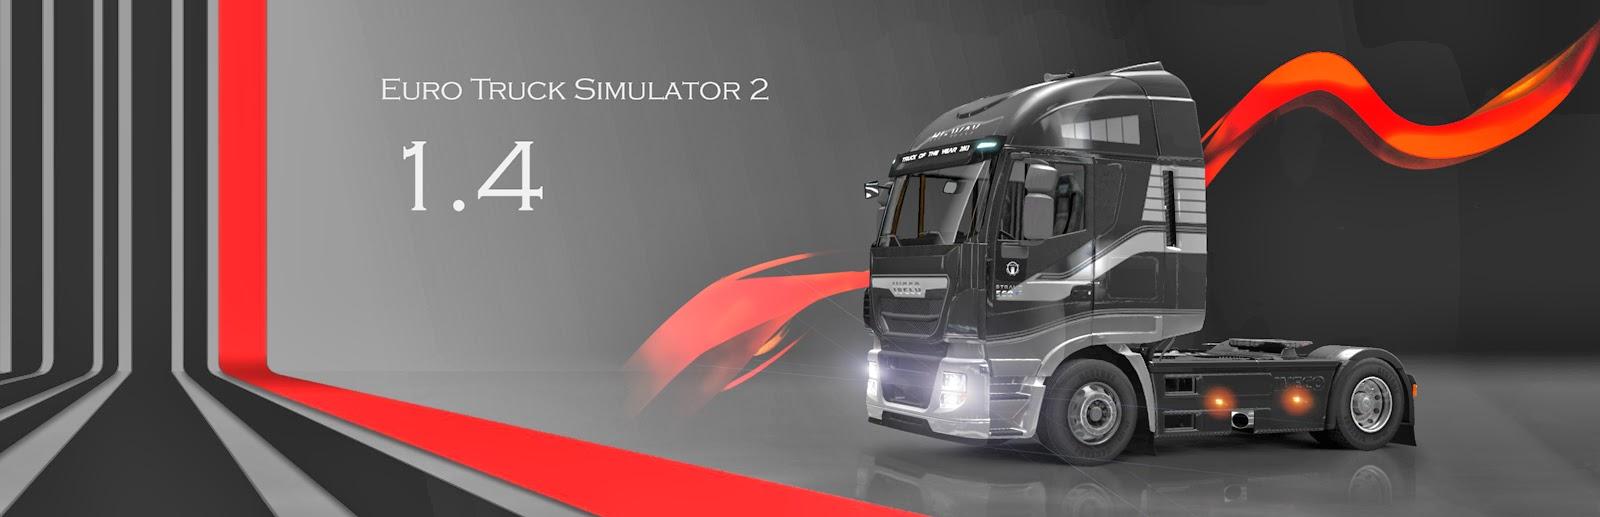 ets2 1.4.1 sürümü,ets2 sürümler,ets2 sürüm yükseltme,euro truck simulator 2 1.4.1 sürümü